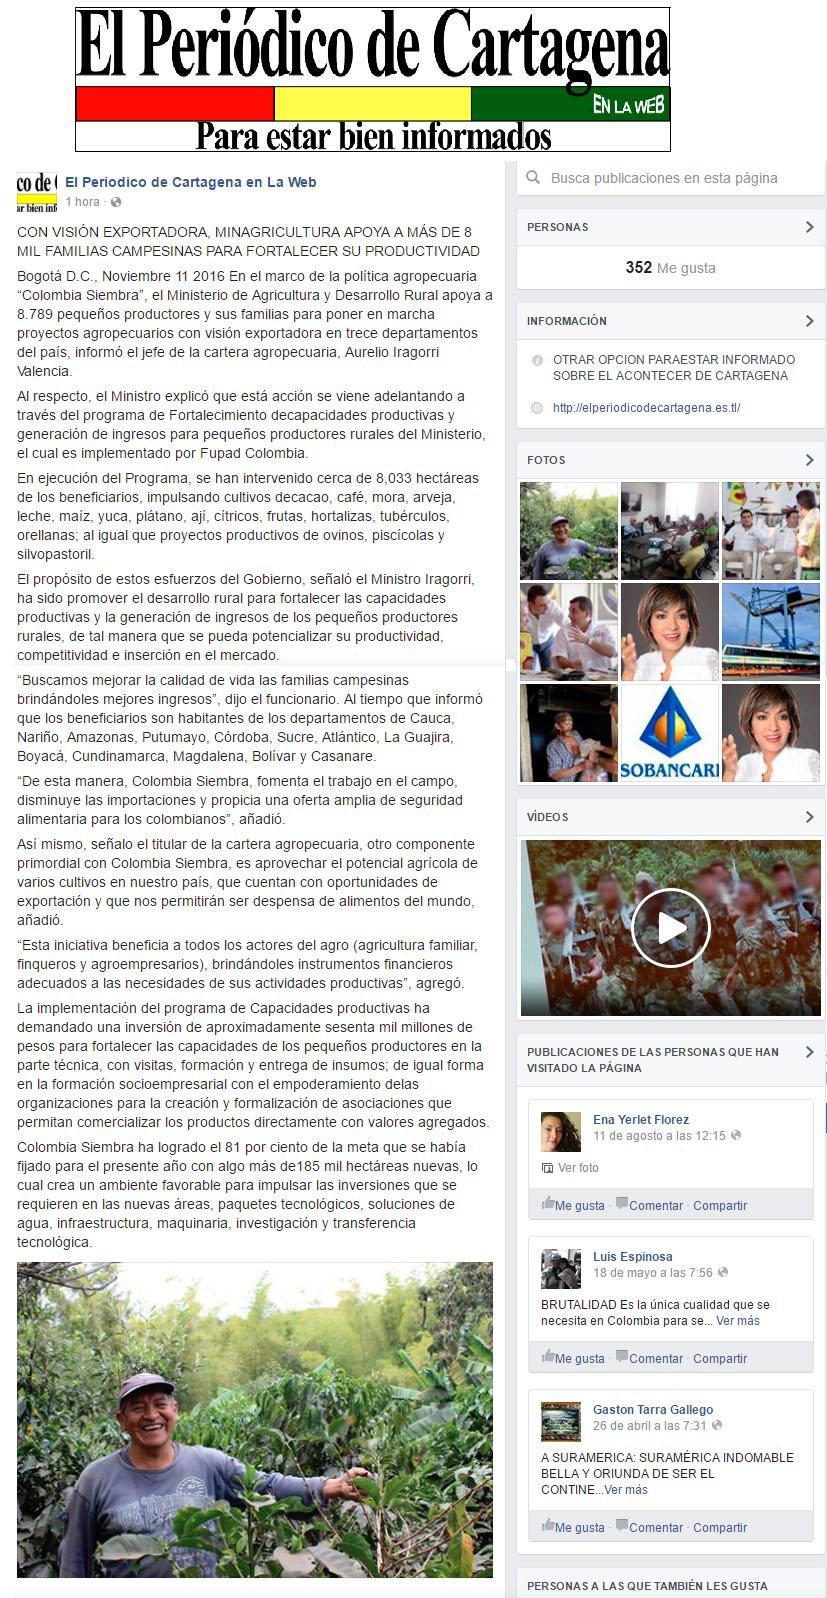 El Periódico de Cartagena